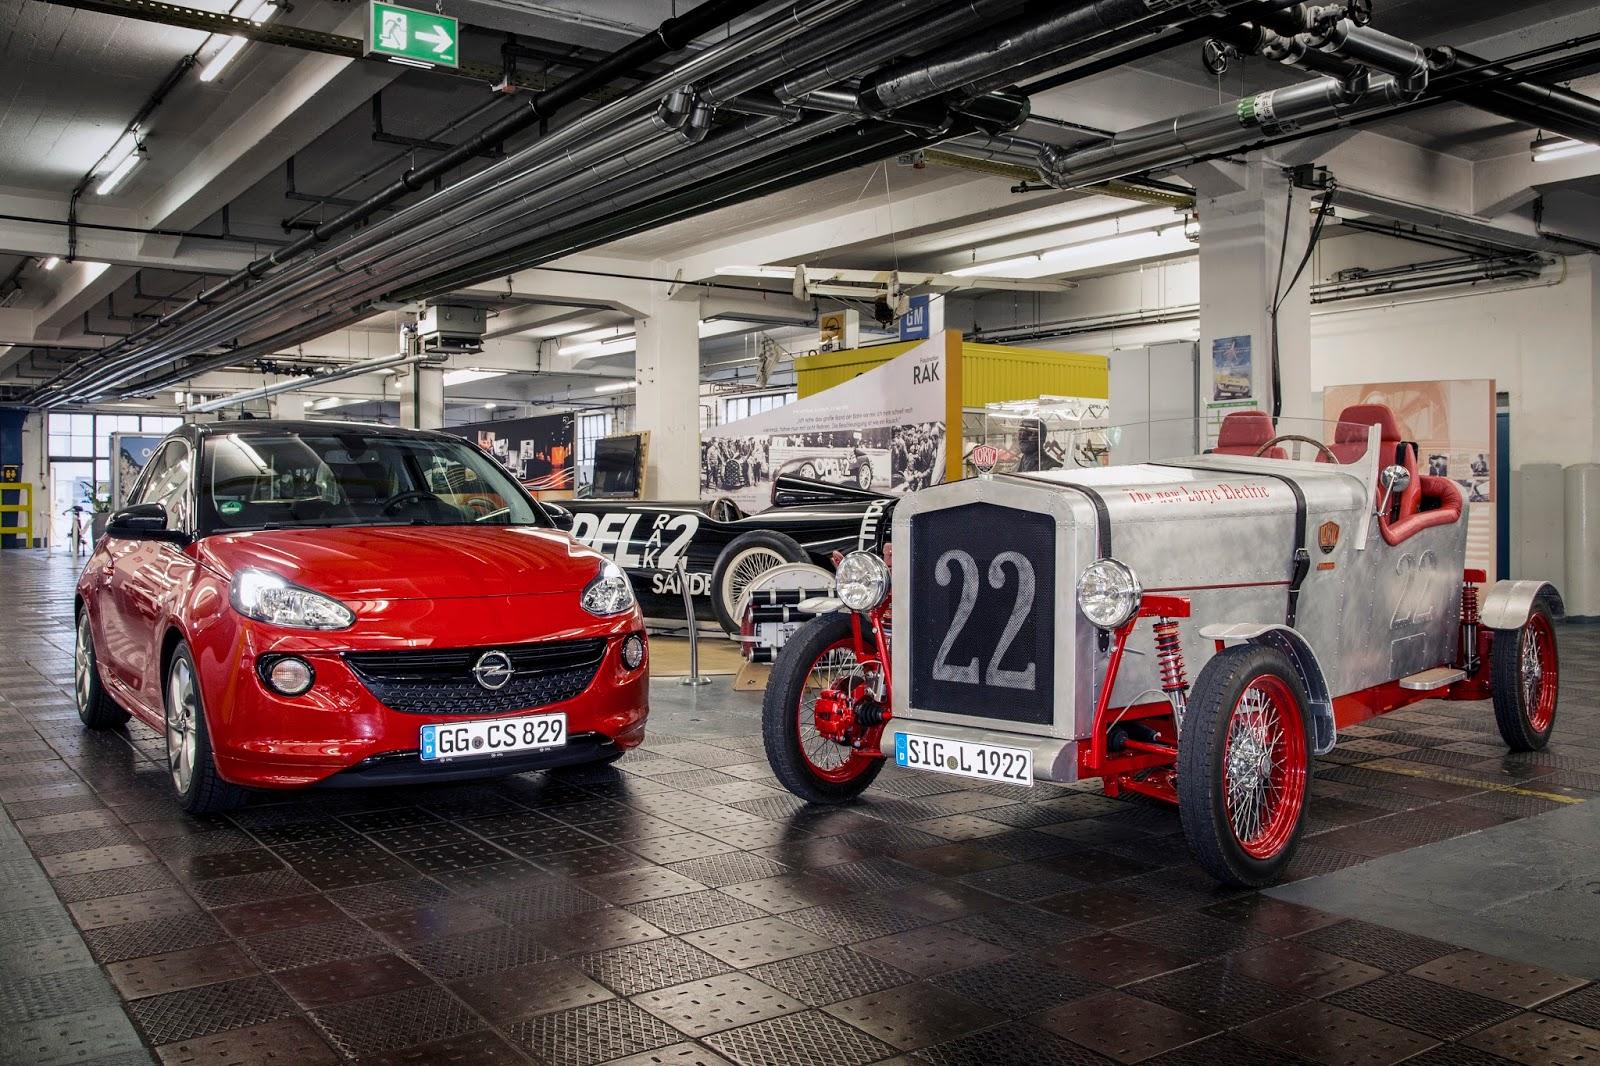 Opel 303794 Το Opel Adam δωρίζει τα εξαρτημάτα του και δίνει ζωή στο Loryc Electric Speedster Electric cars, Loryc, Opel, Opel ADAM